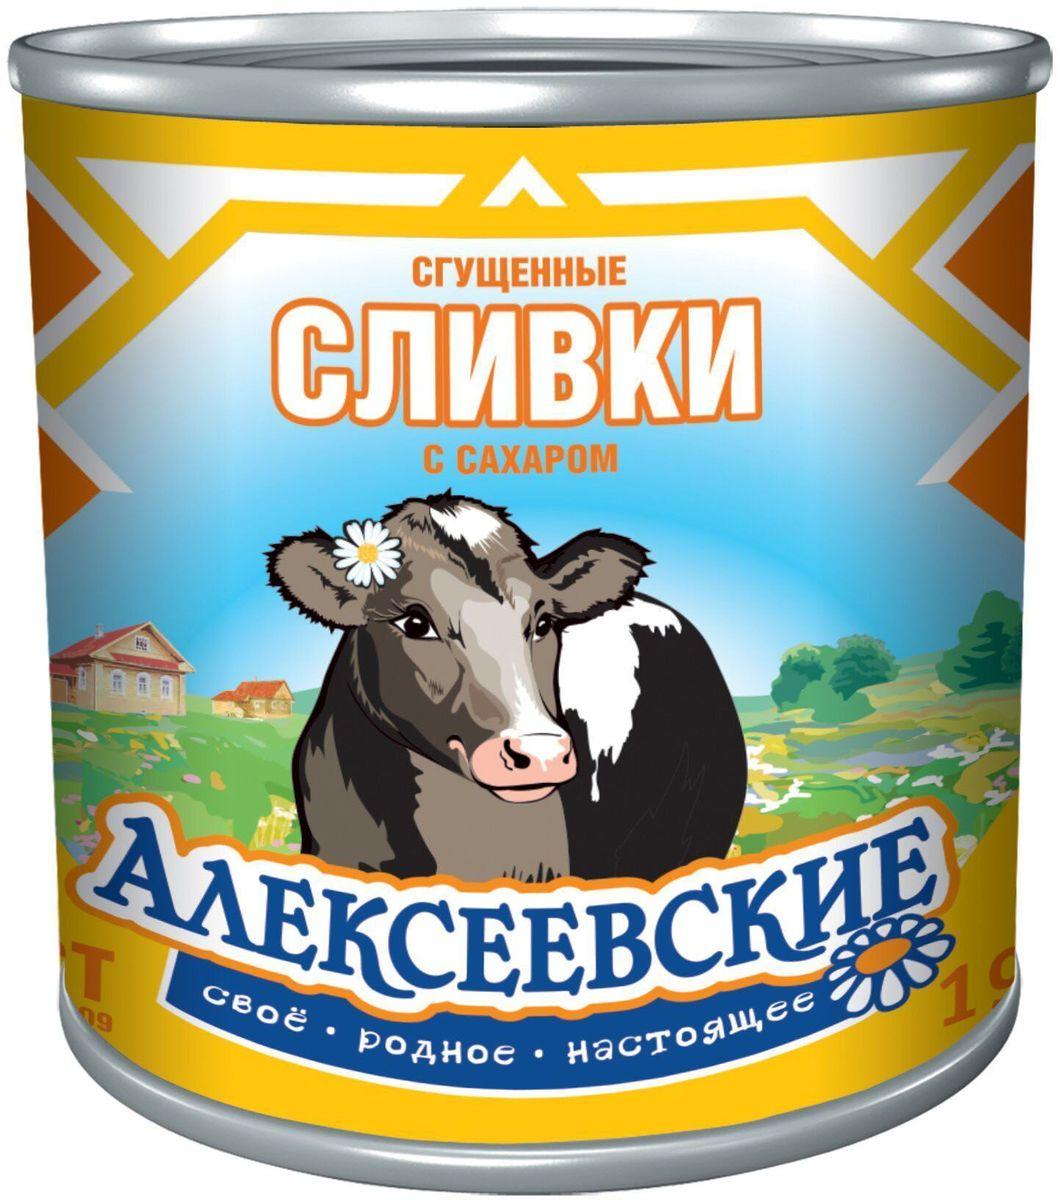 Союзконсервмолоко Сливки сгущенные, 360 г